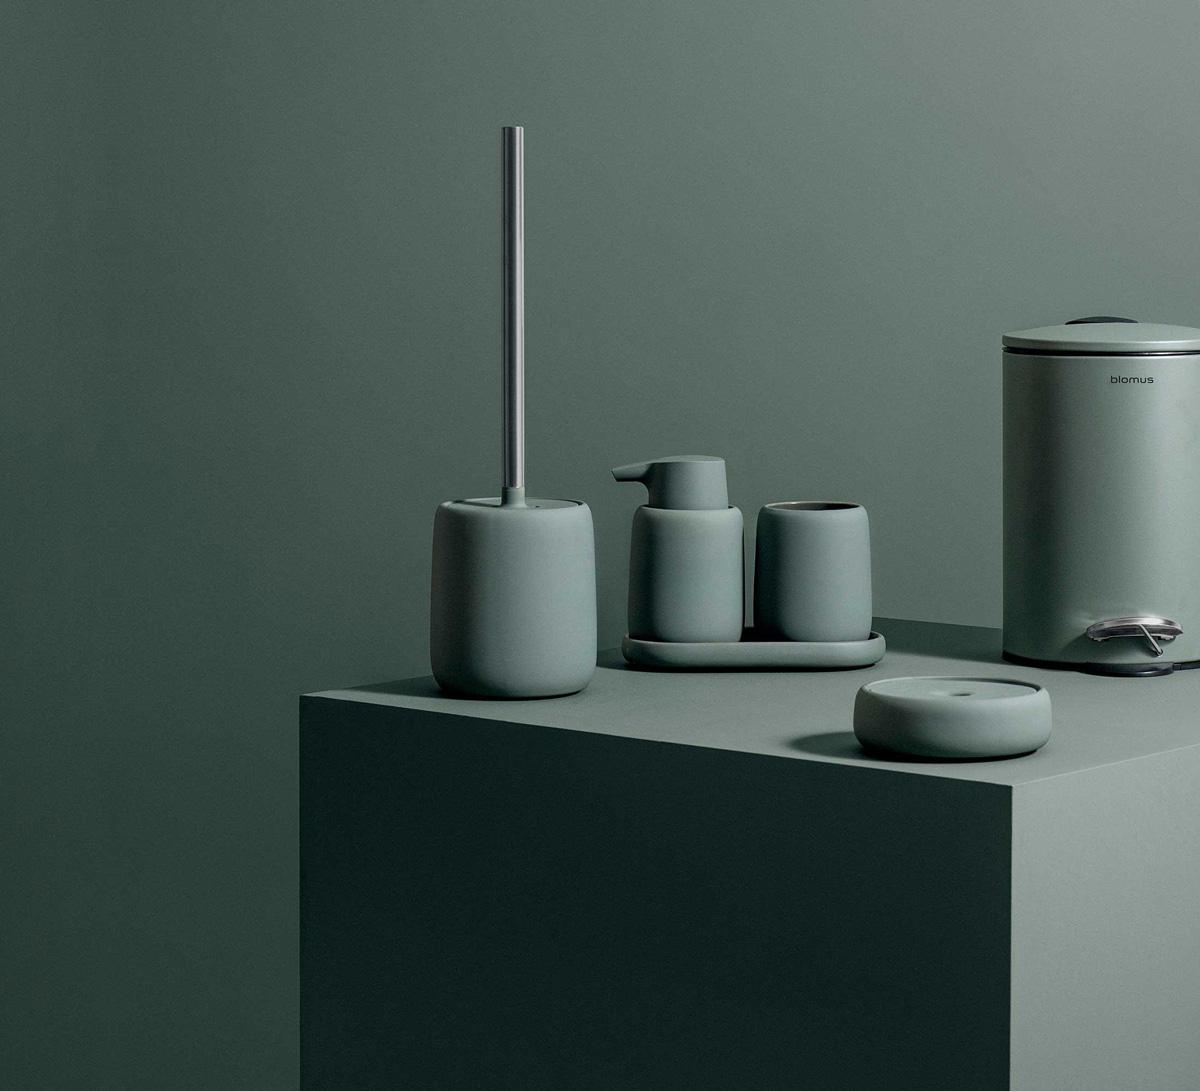 De Sono collectie badkamer- en toiletaccessoires is ook verkrijgbaar in de trendy kleur groen.